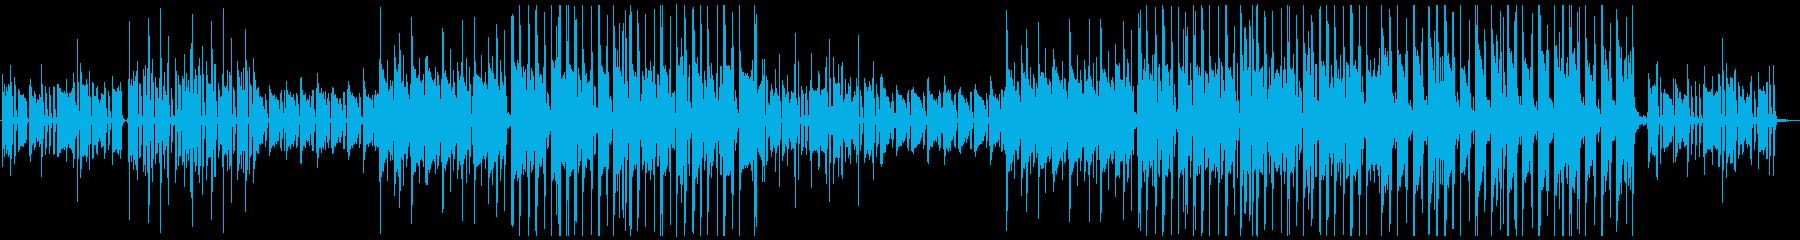 オシャレ感あふれるHipHopの再生済みの波形